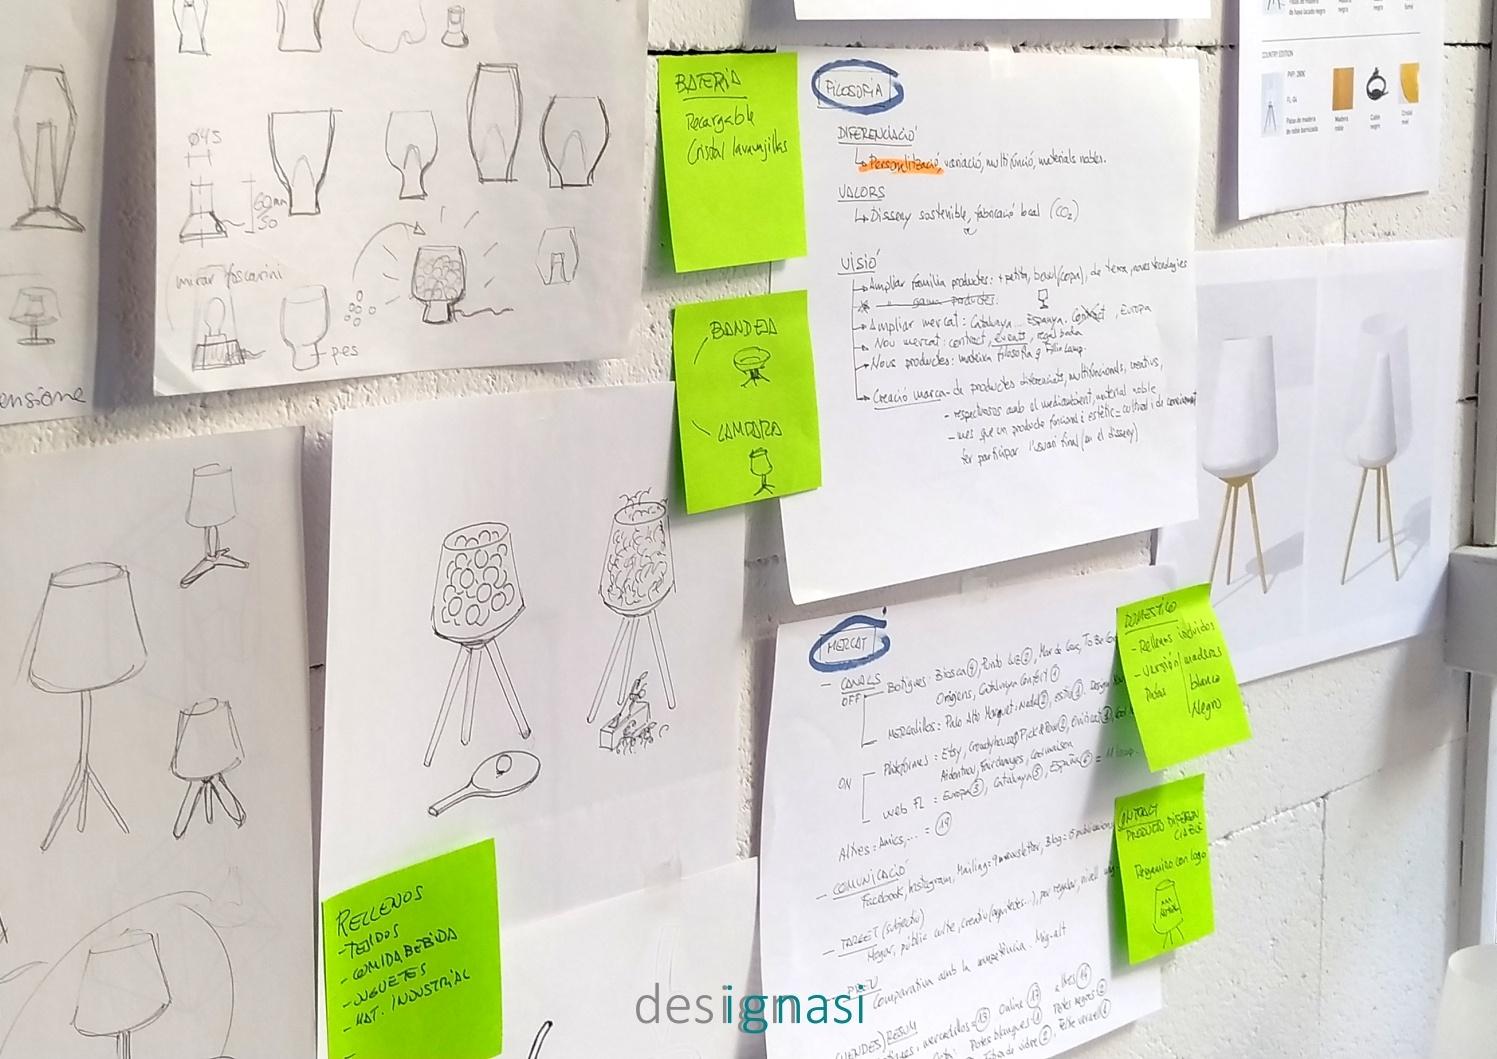 Design Thinking como metodología de trabajo